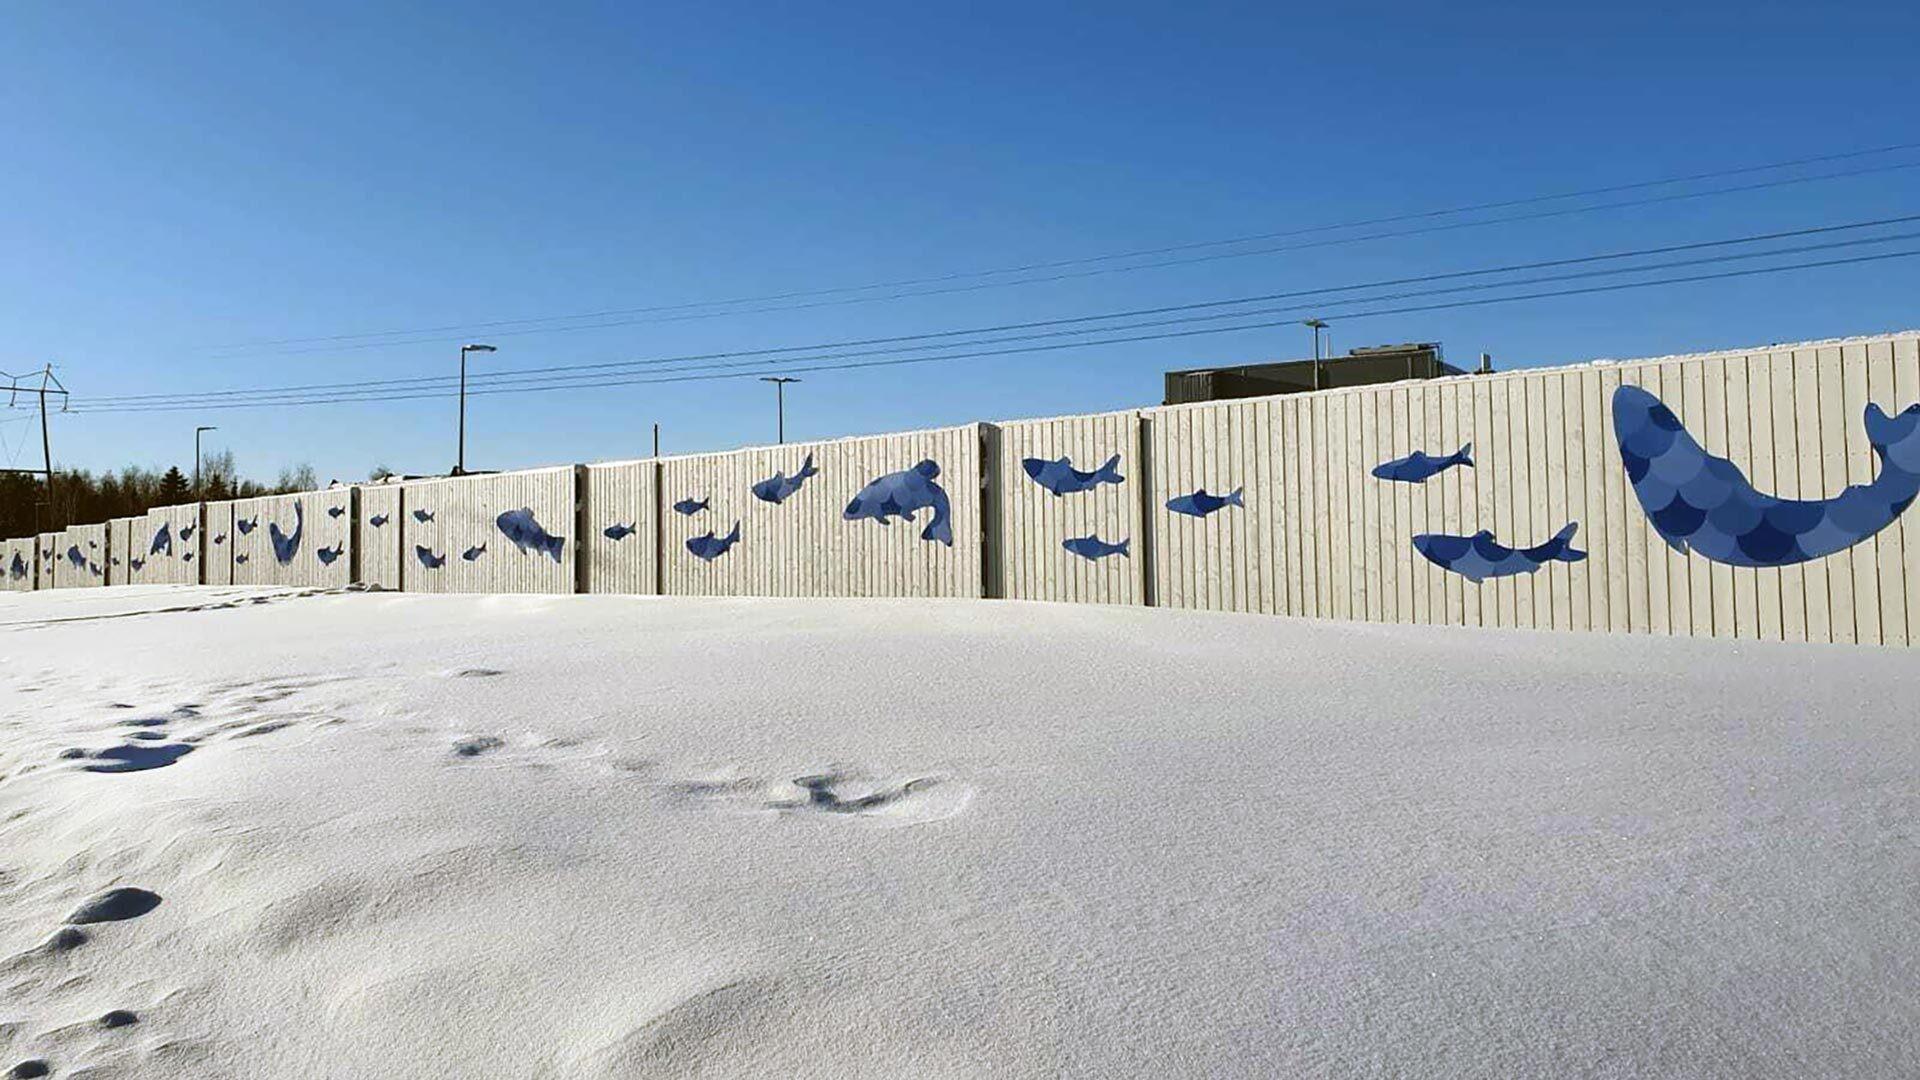 Hätälän tehtaan kalataideaita Oulun Kaakkurissa